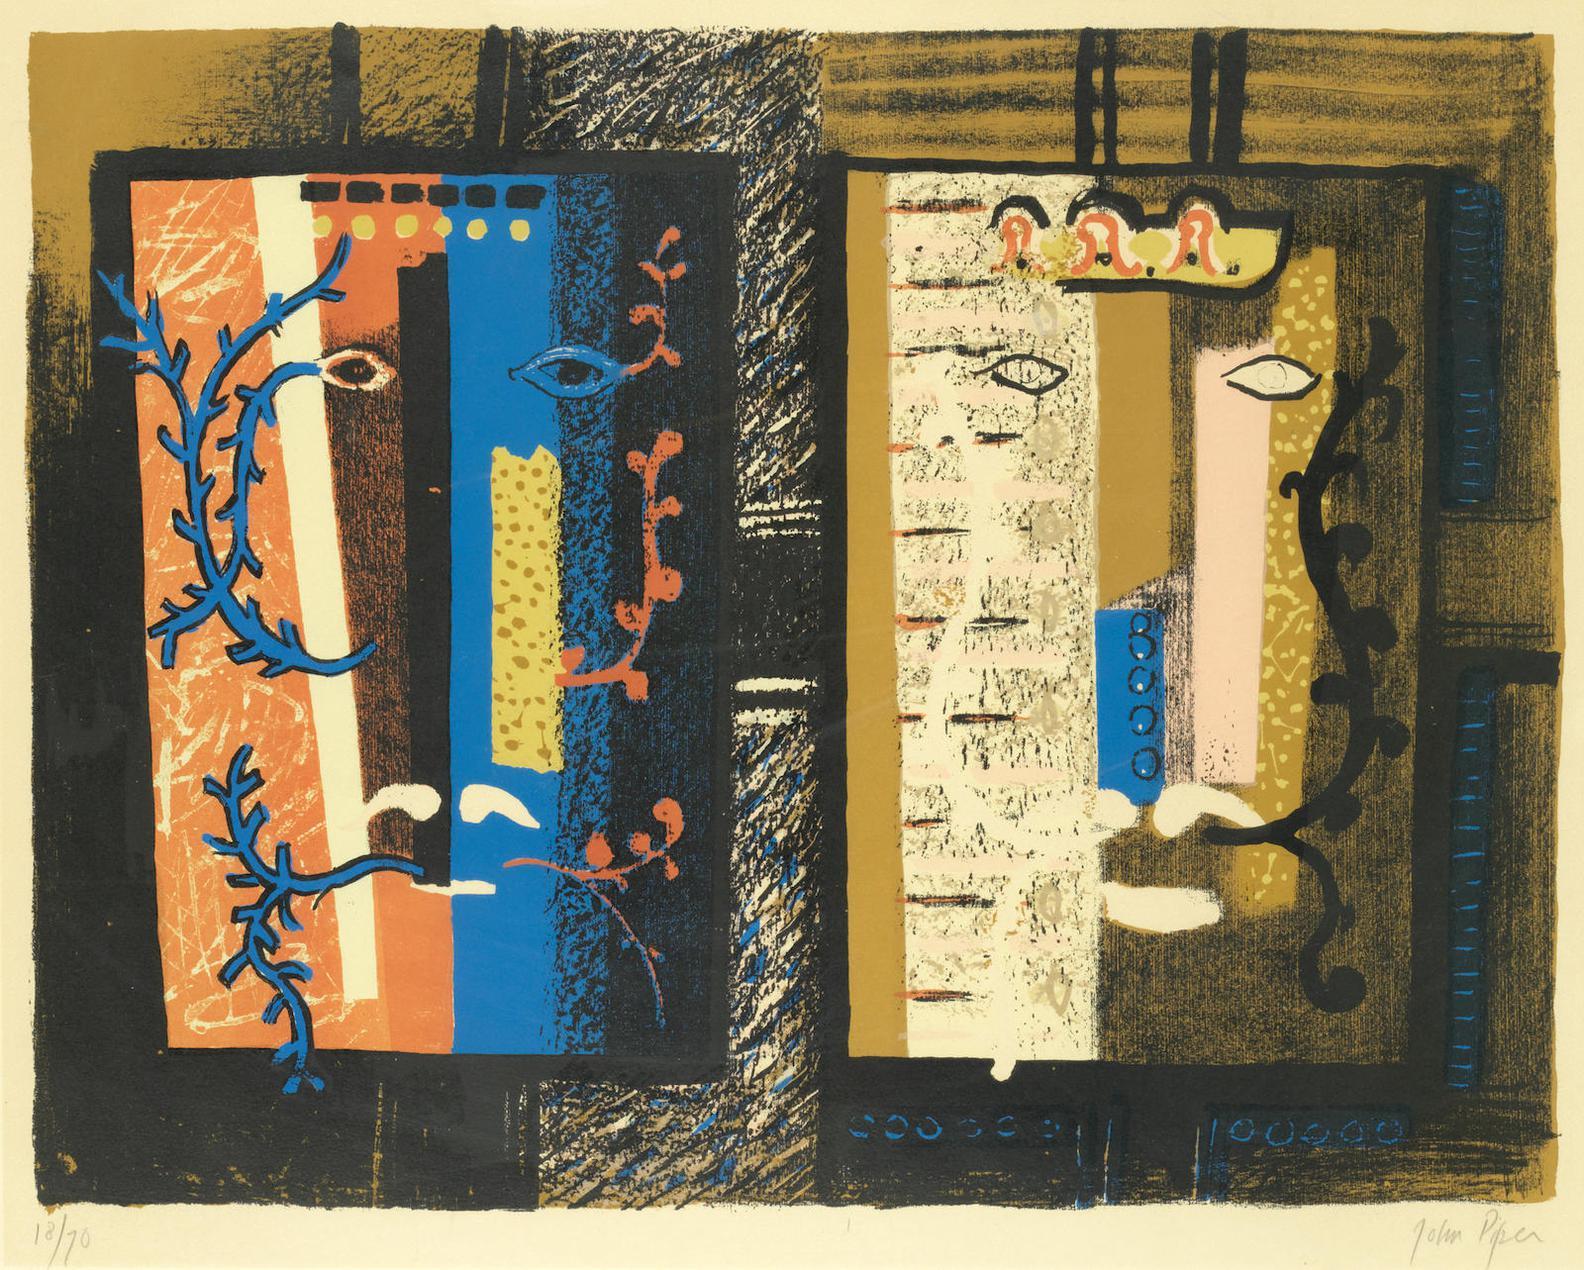 John Piper-Foliate Heads I (Levinson 83)-1953